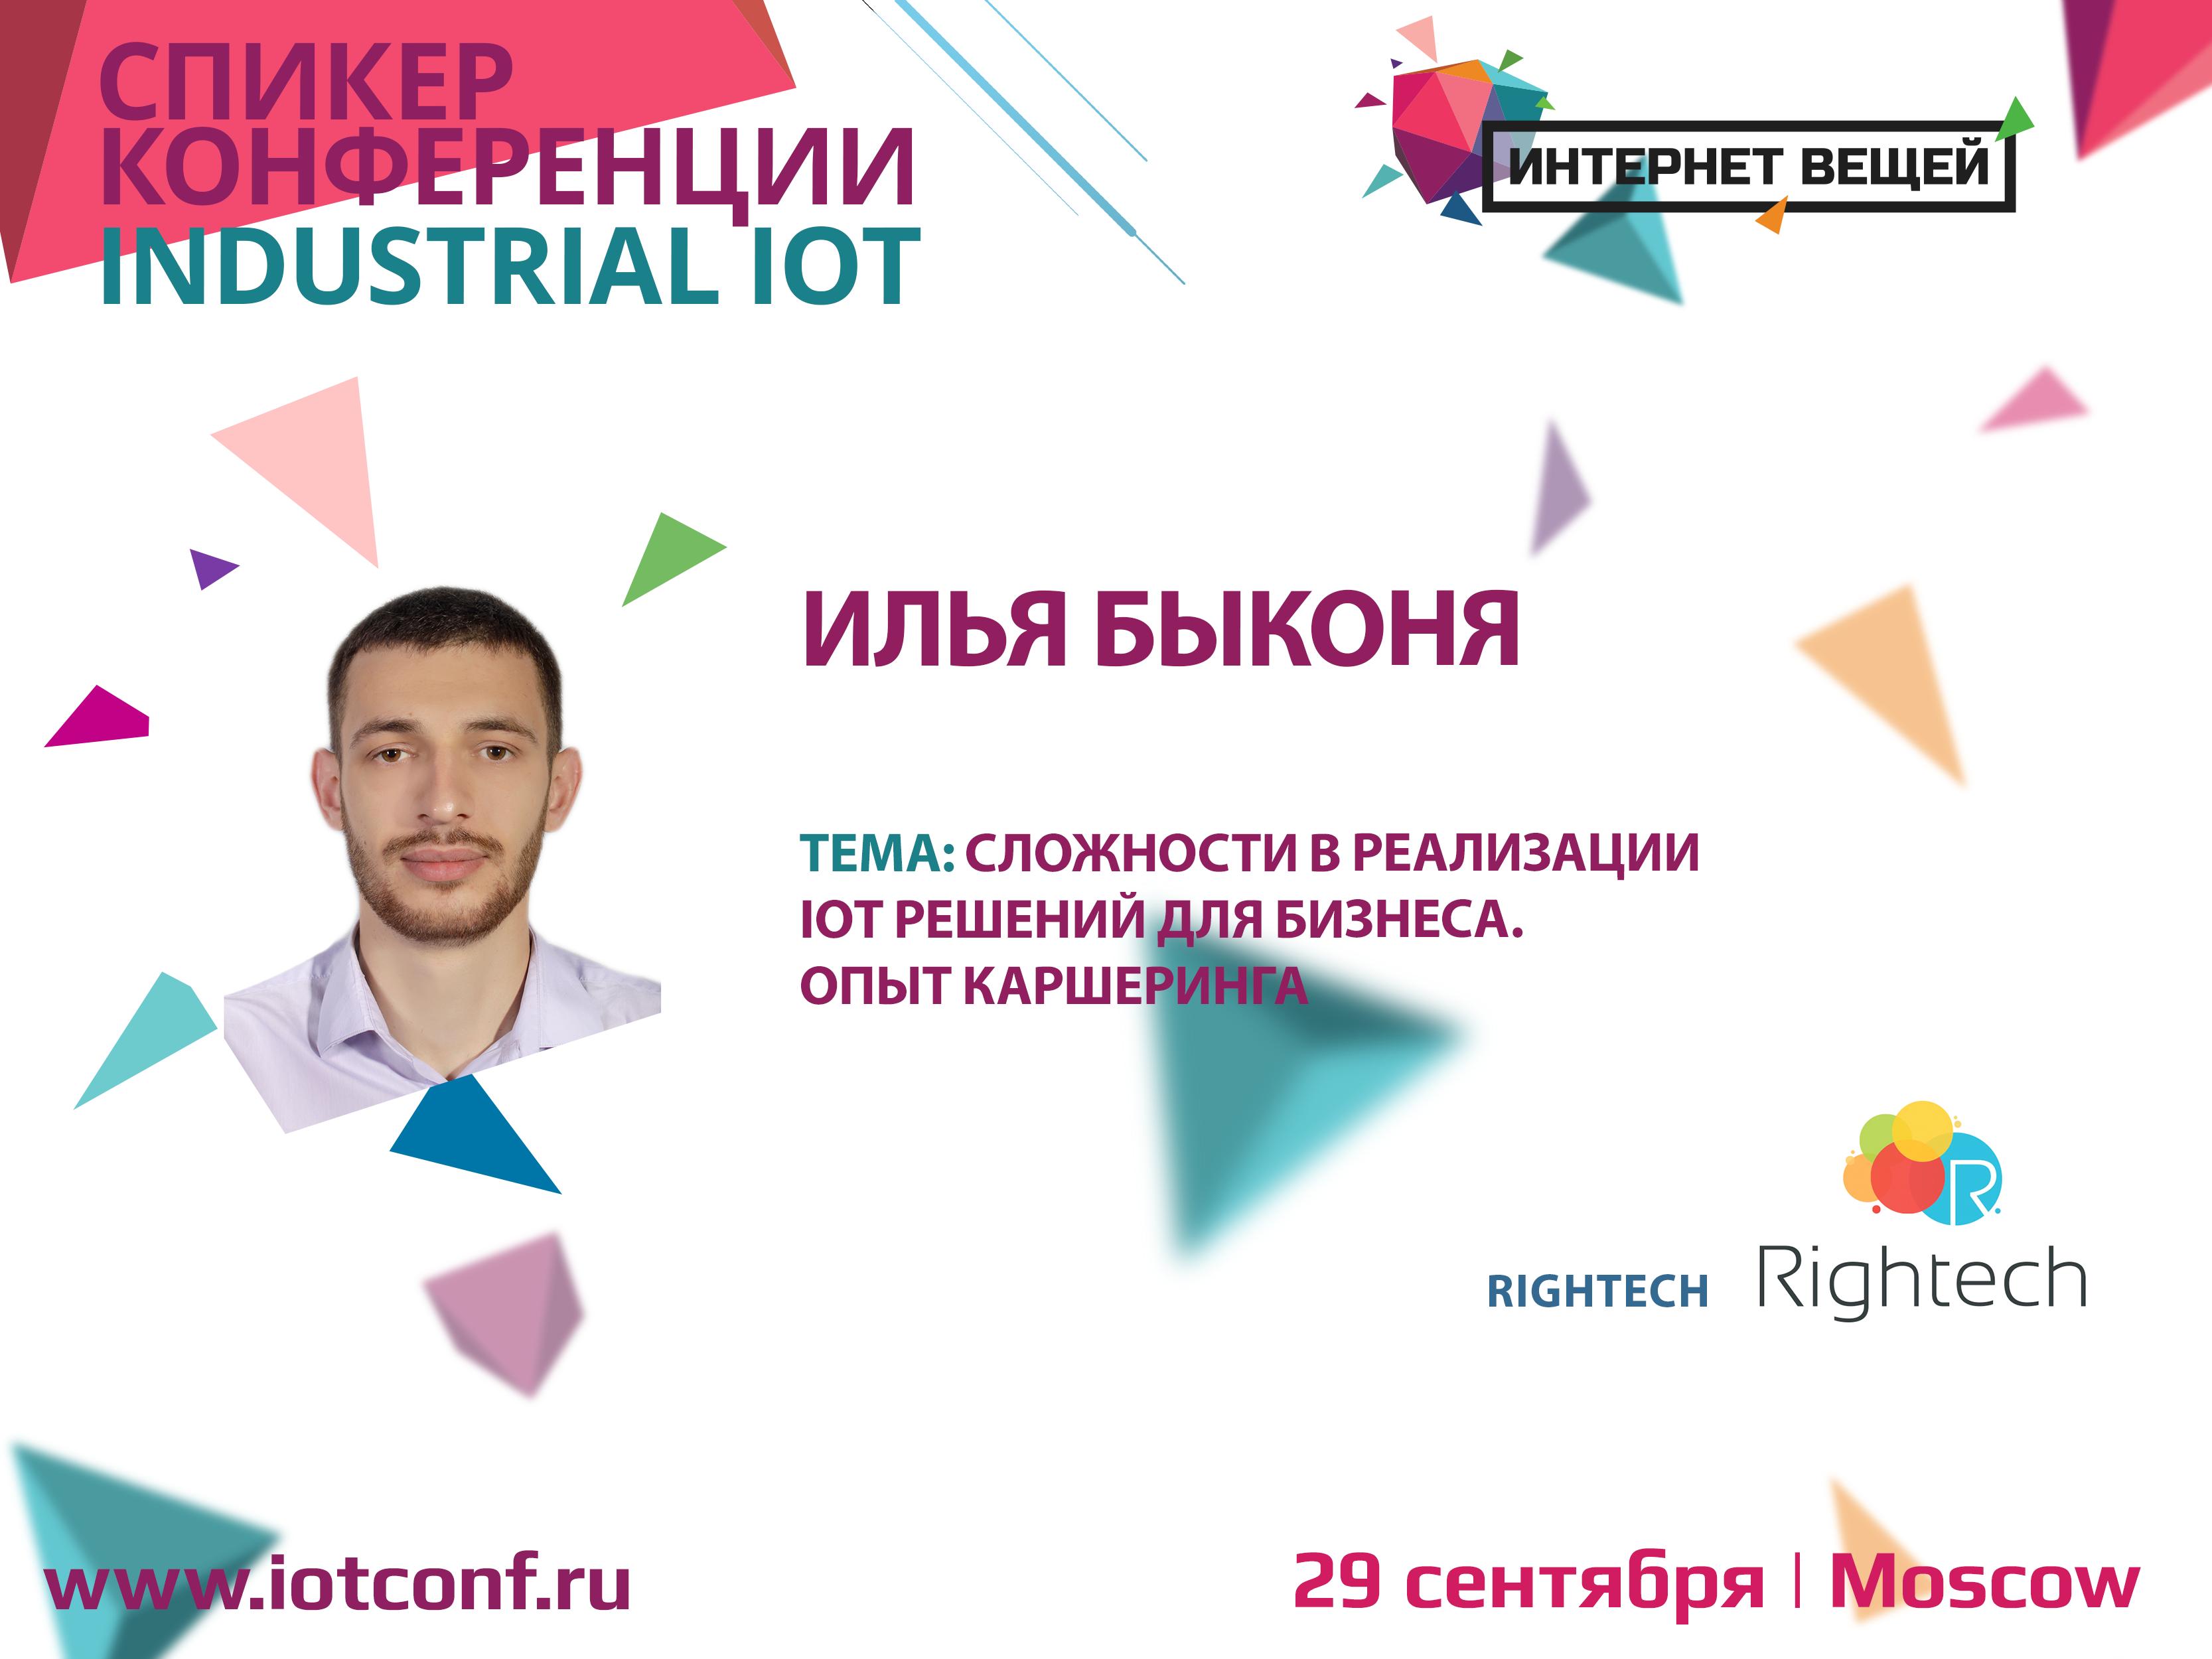 На конференции «Интернет вещей» глава Rightech расскажет, как внедрить IoT в бизнес